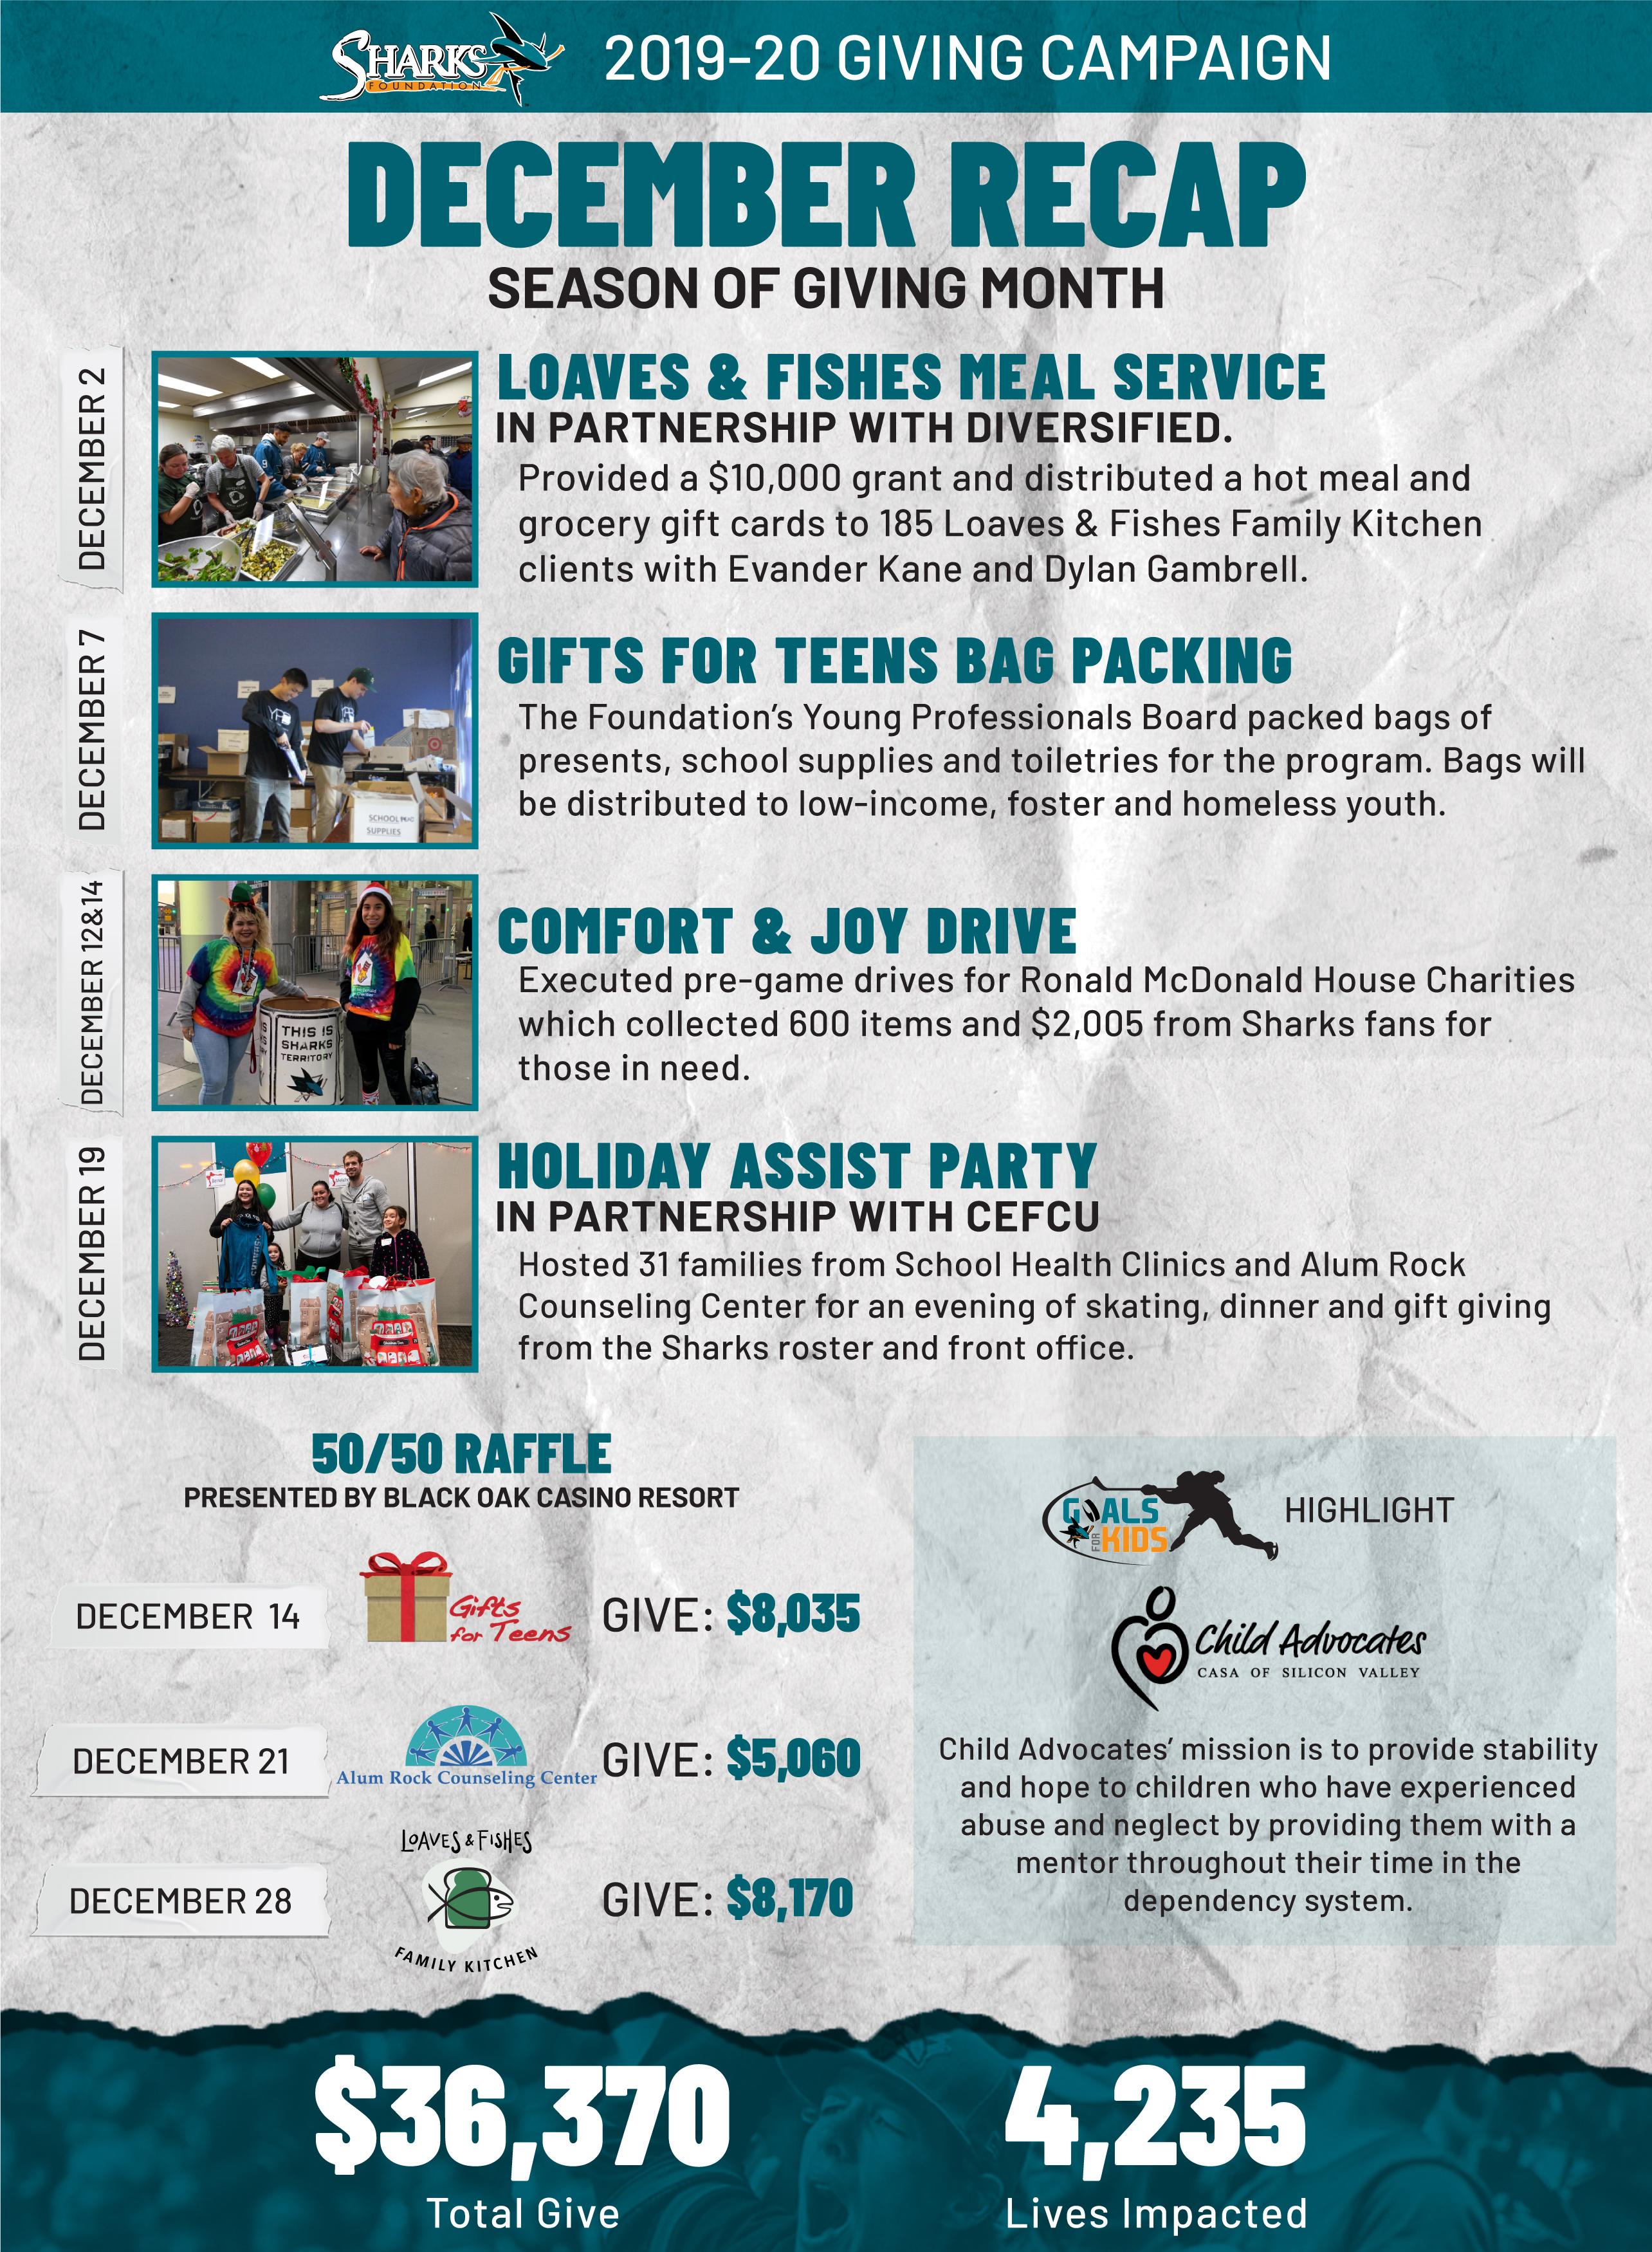 Season of Giving Recap